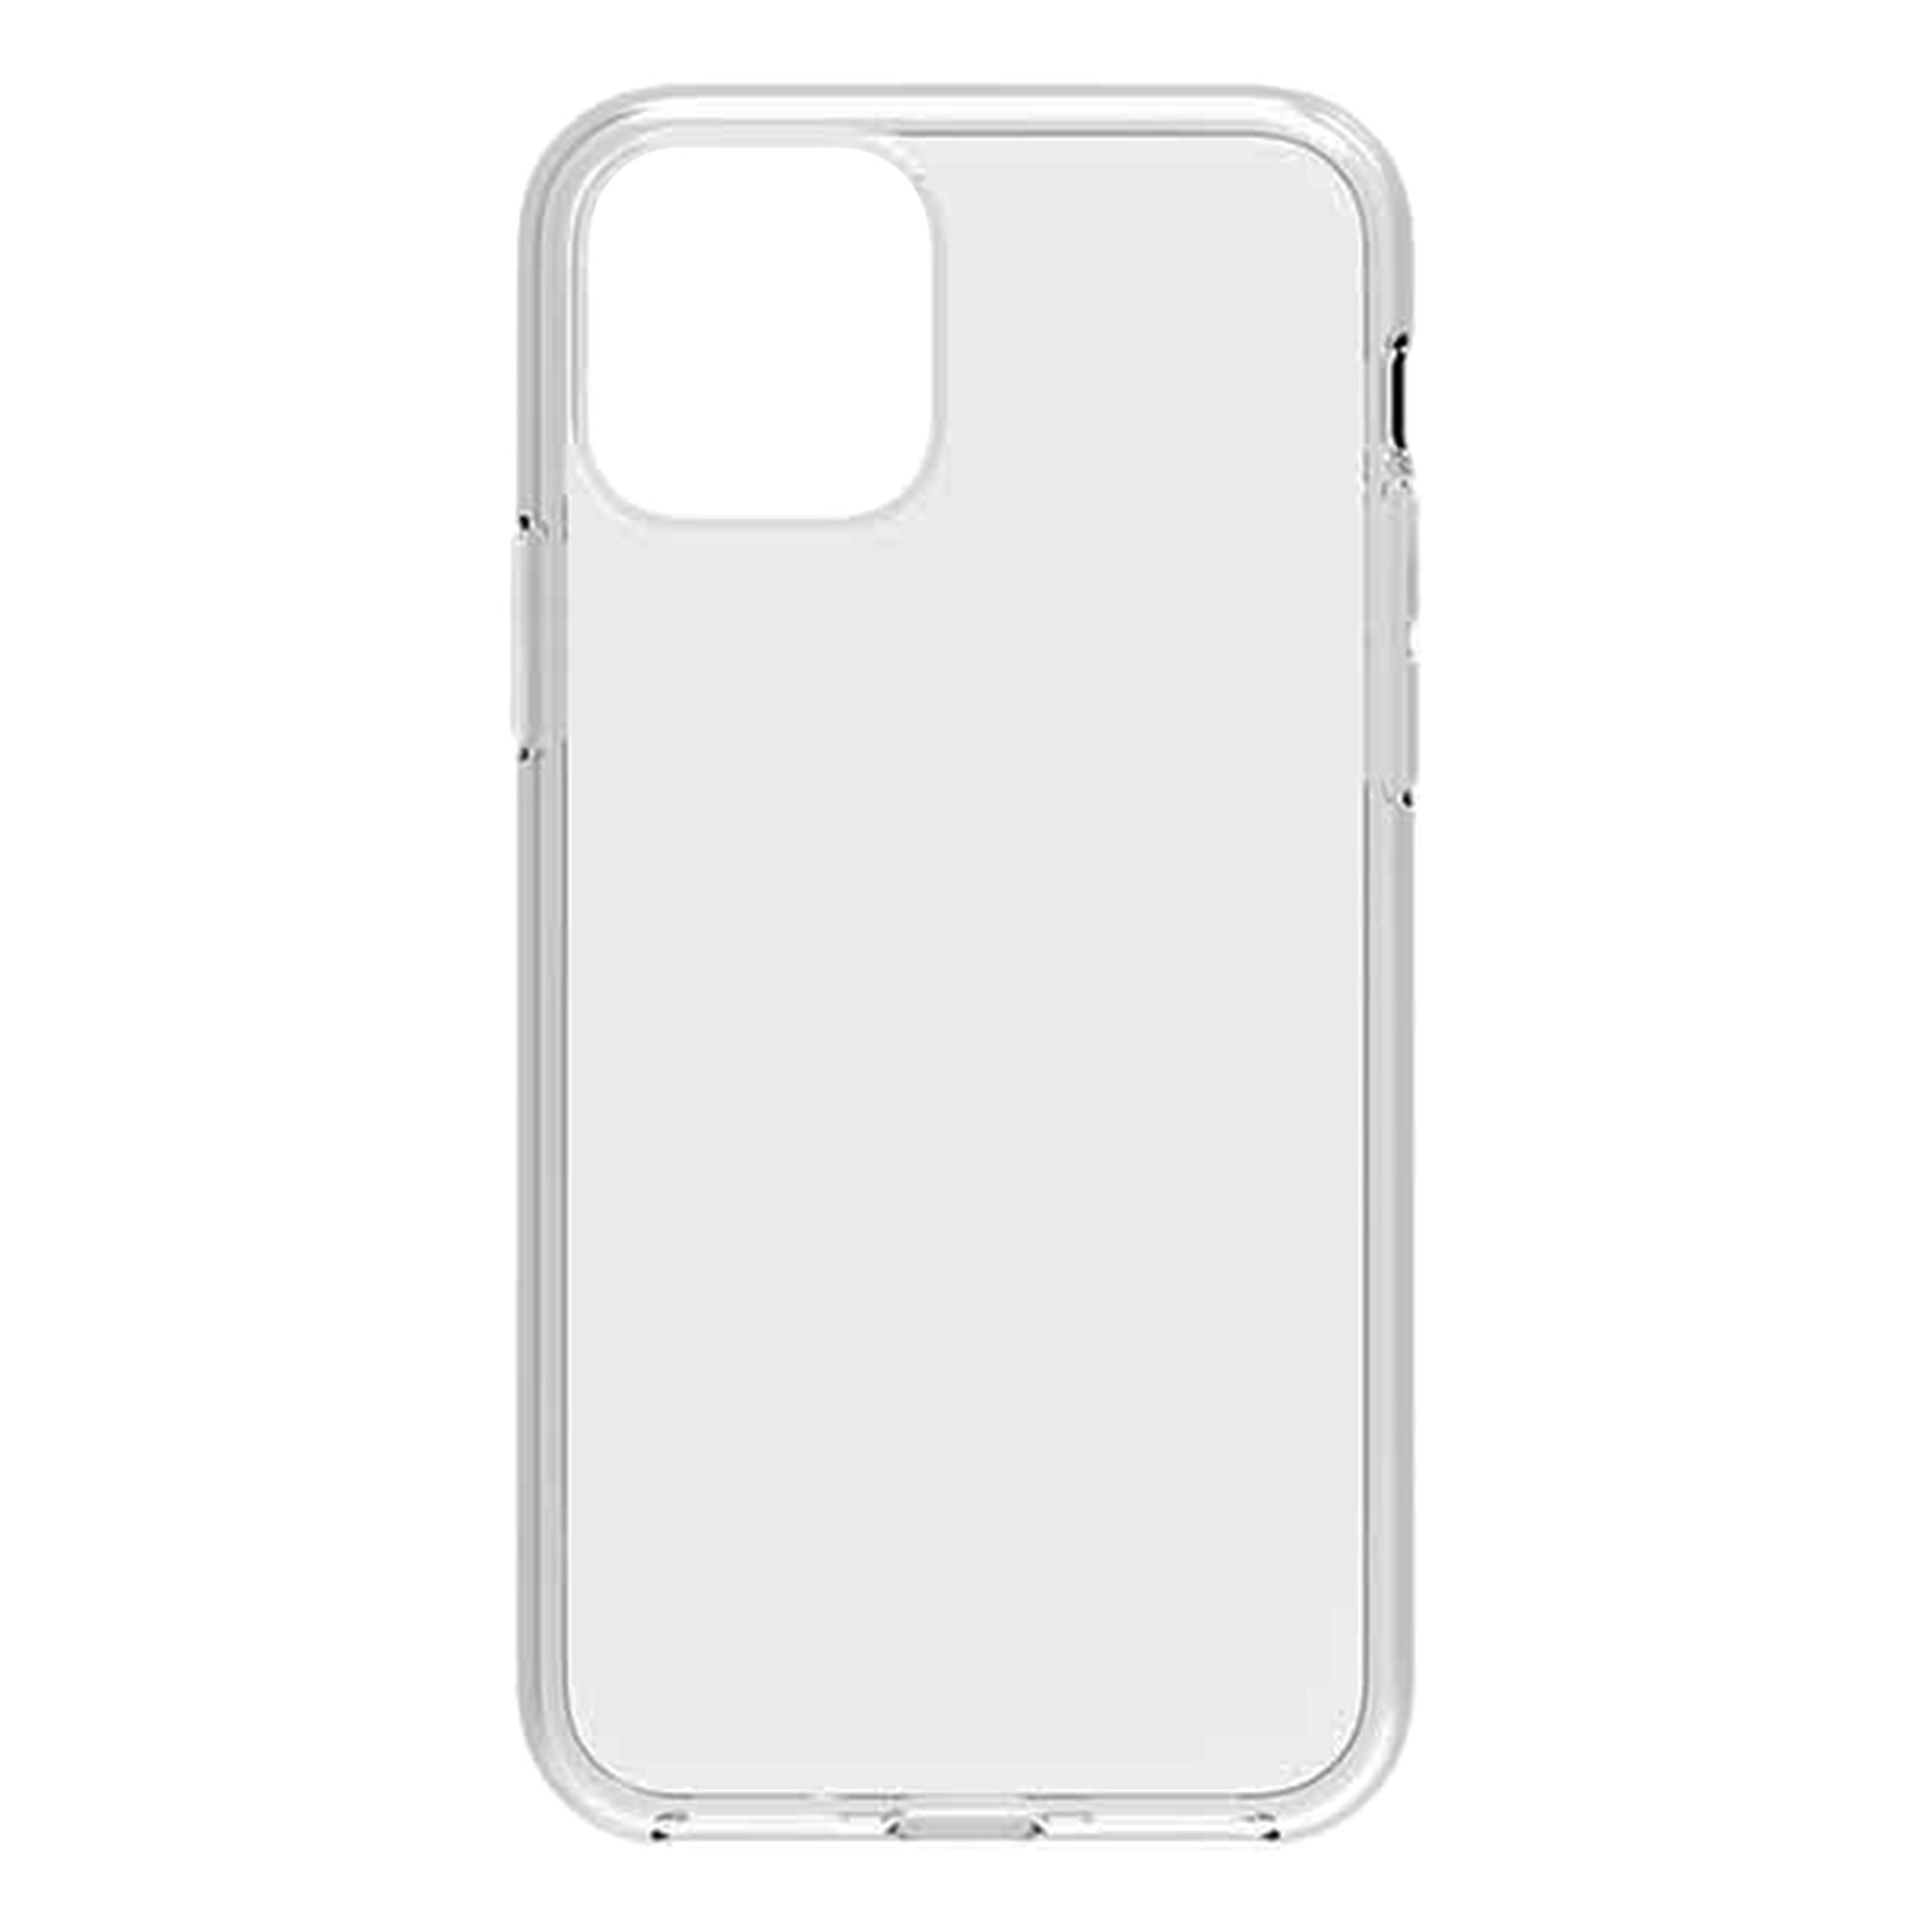 کاور مدل Cl-001 مناسب برای گوشی موبایل اپل Iphone 11 pro max